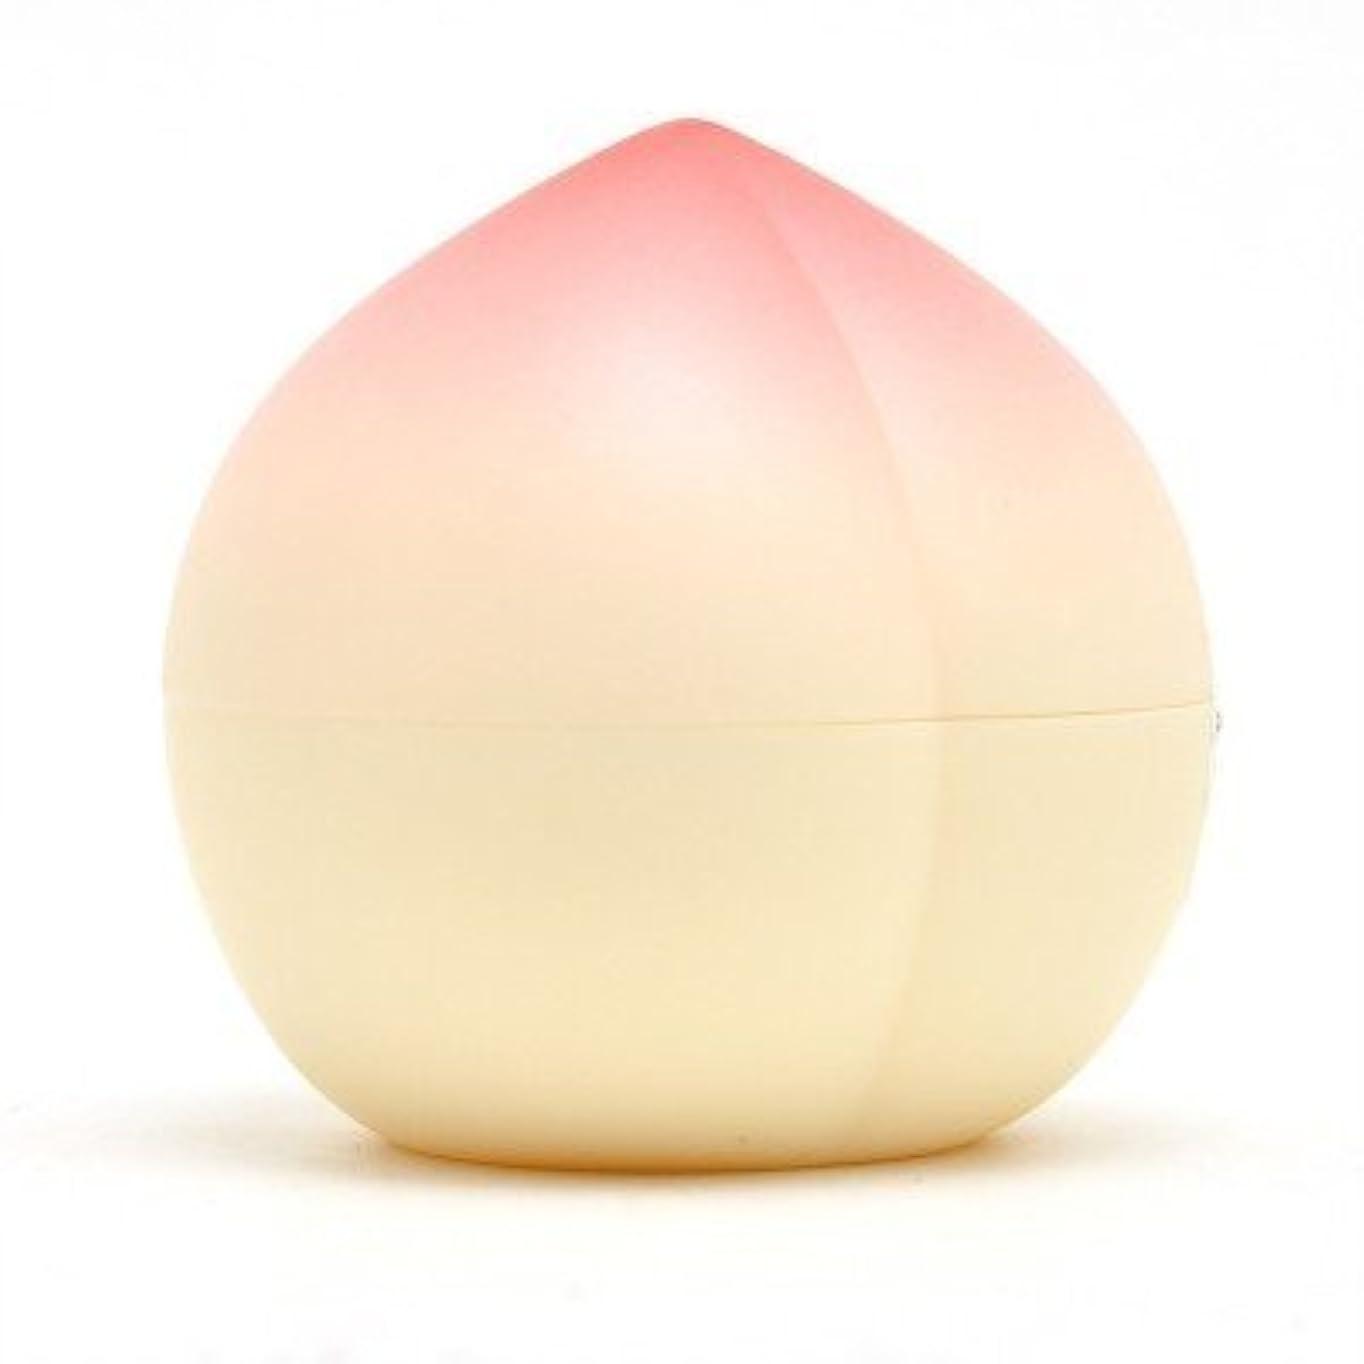 去る自分ベイビーTONYMOLY トニーモリー ピーチ?ハンドクリーム 30g (Peach Antiaging Hand Cream) 海外直送品